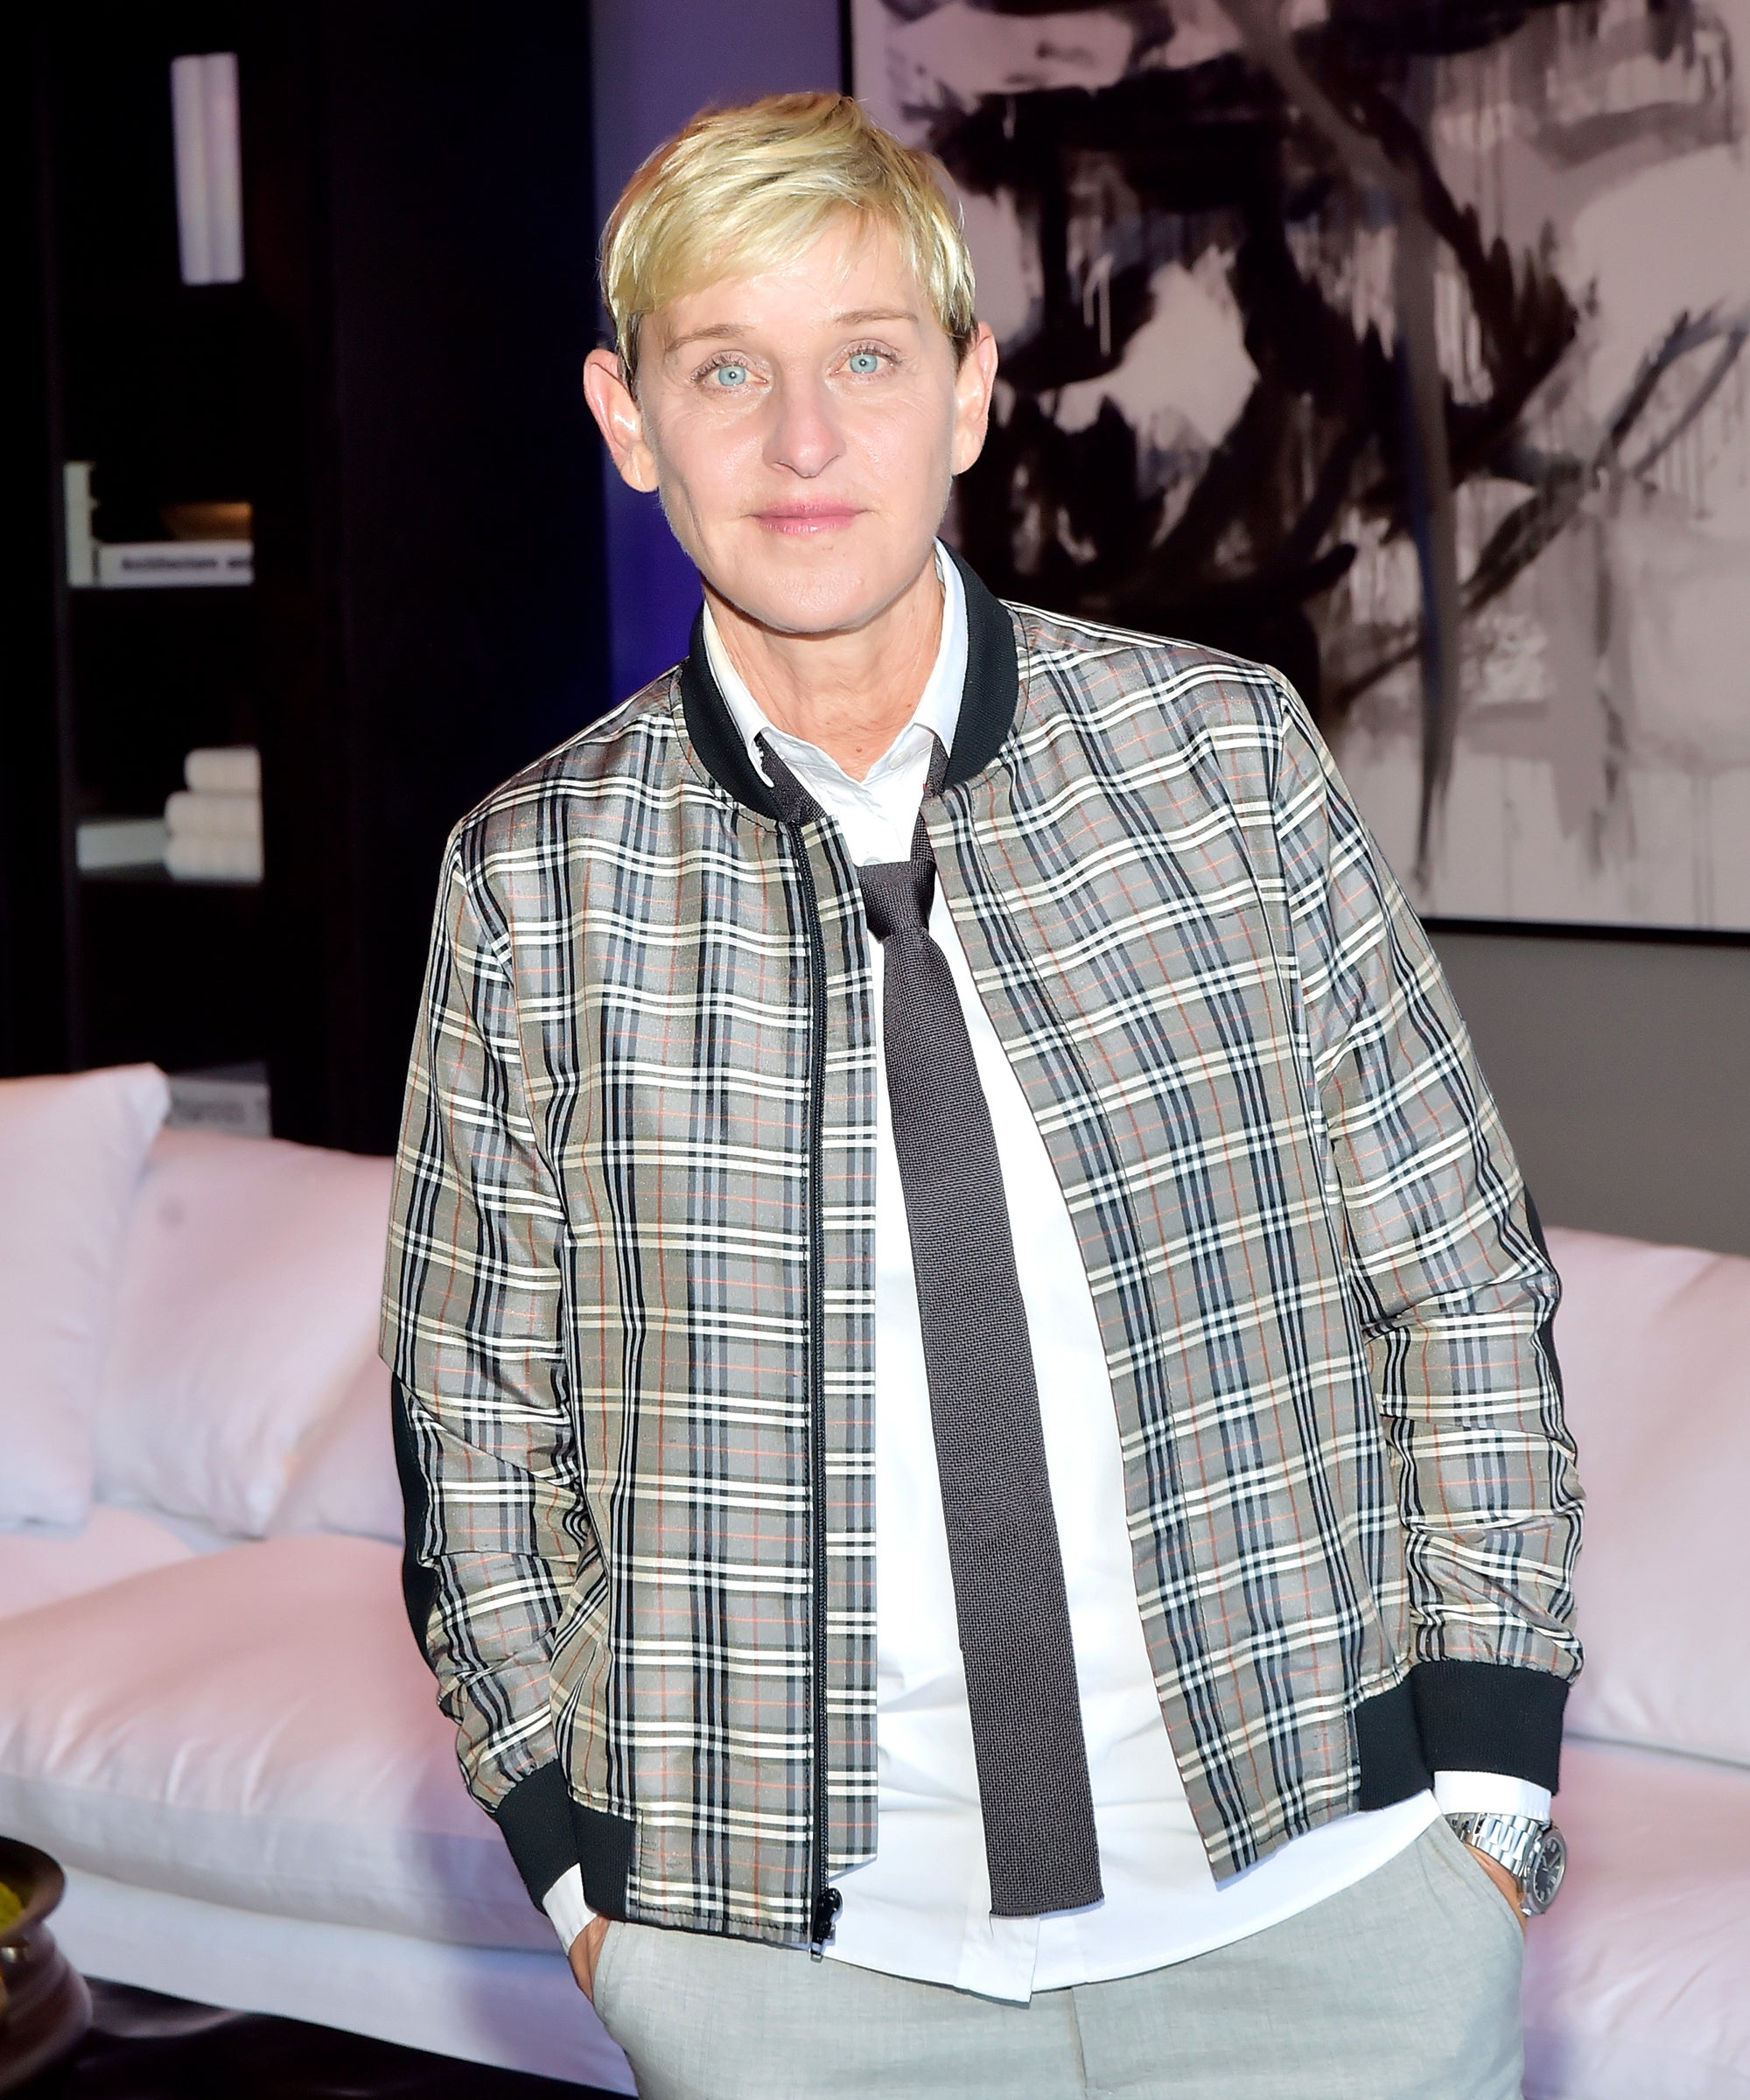 Ellen DeGeneres Addresses Controversy Around George W. Bush Photo